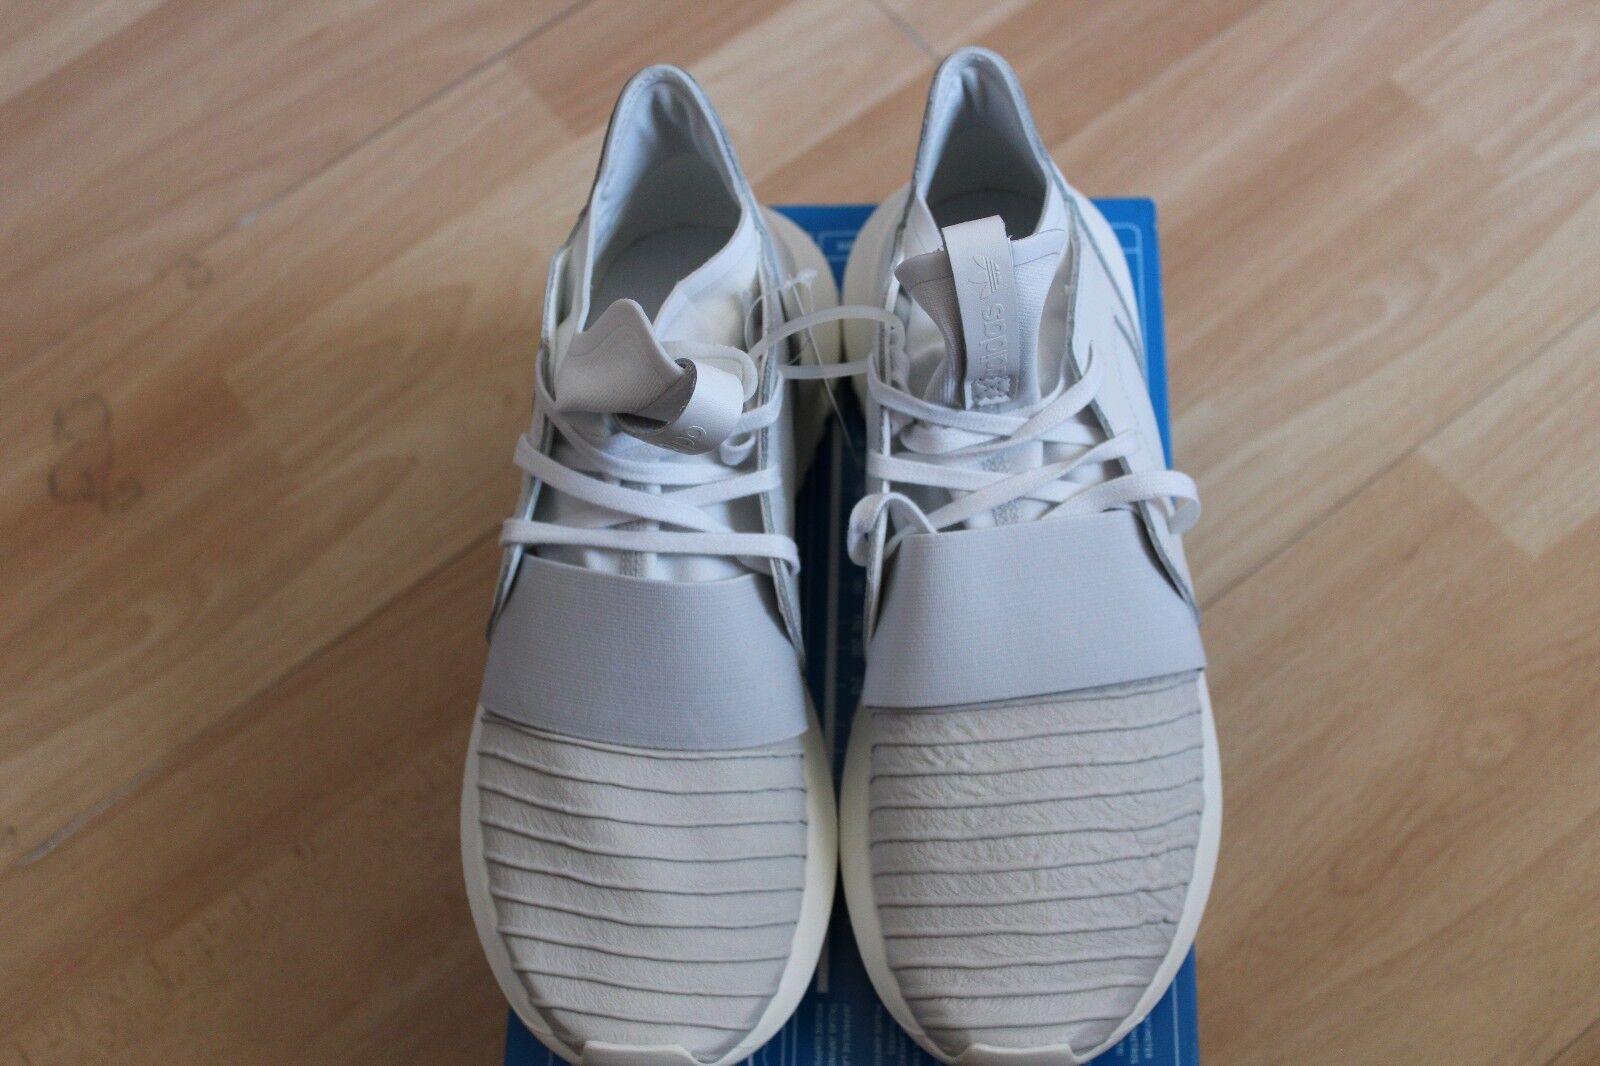 de de de nouvelles chaussures adidas sz 8 femmes s80486 tubulaires defiant w 06f391